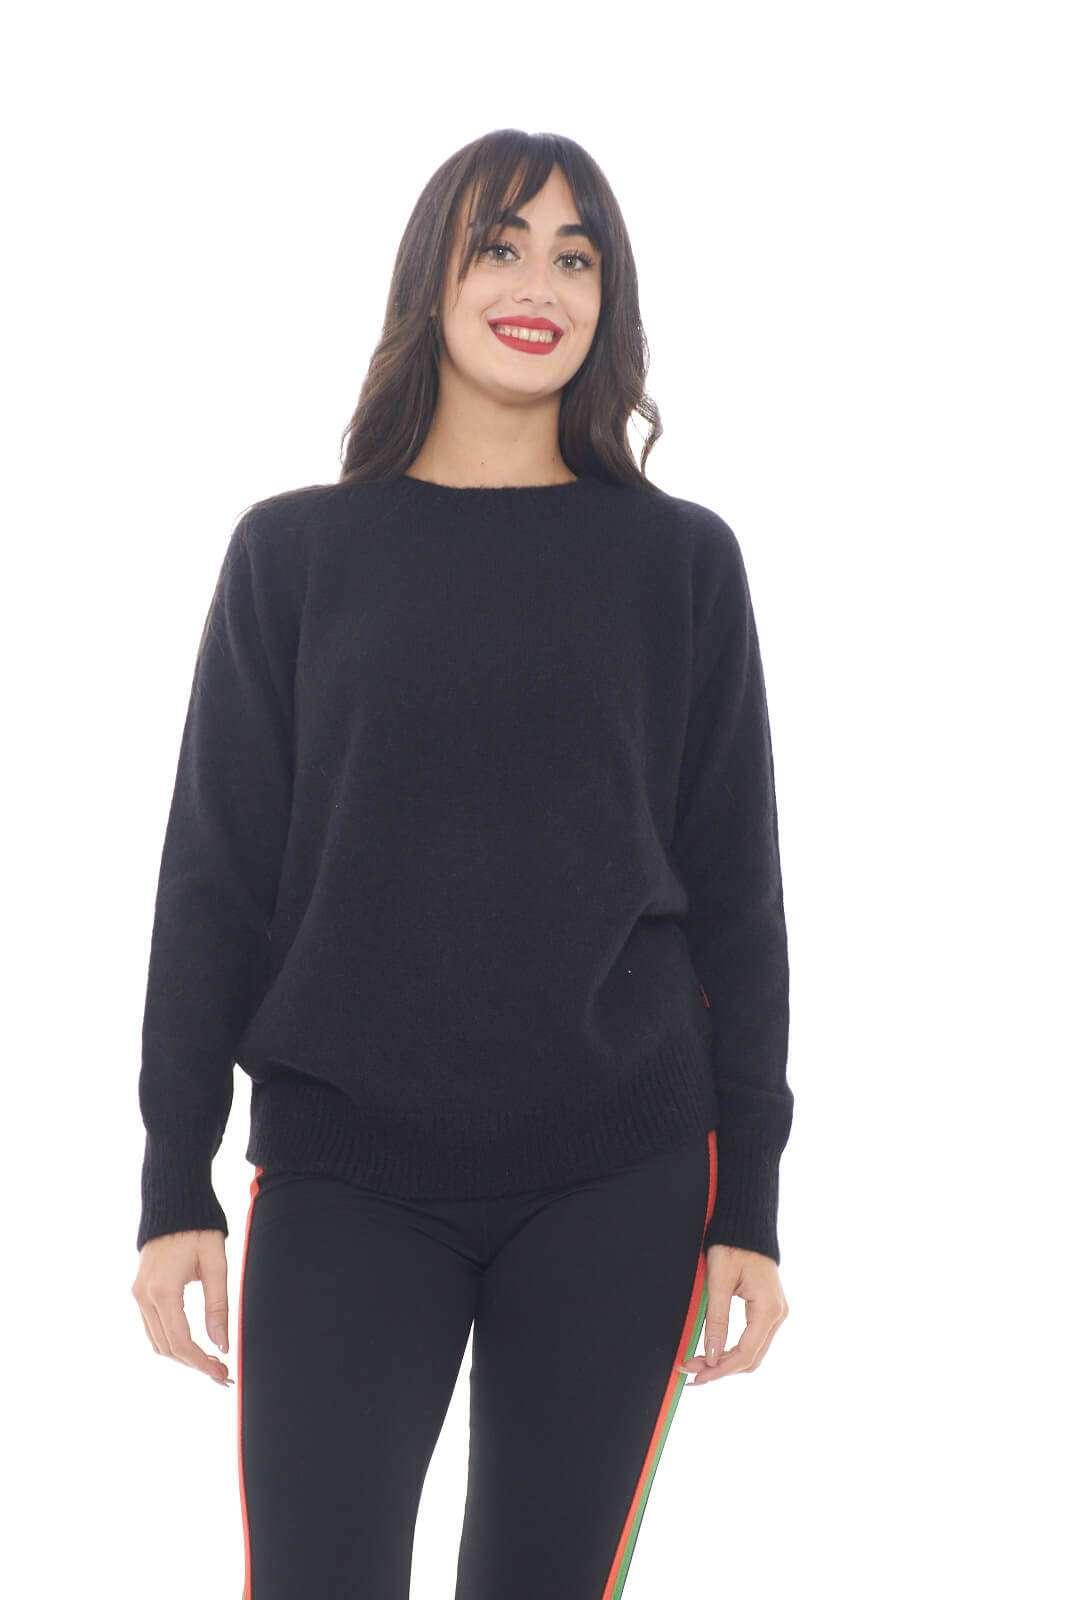 Una maglia in pannolence semplice e casual, perfetta per la tua routine.  Abbinata ad un jeans e una sneaker, renderà ogni outfit iconico e versatile.  Per la donna che ama vestire trendy.    La modella è alta 1,78m e indossa la taglia S.